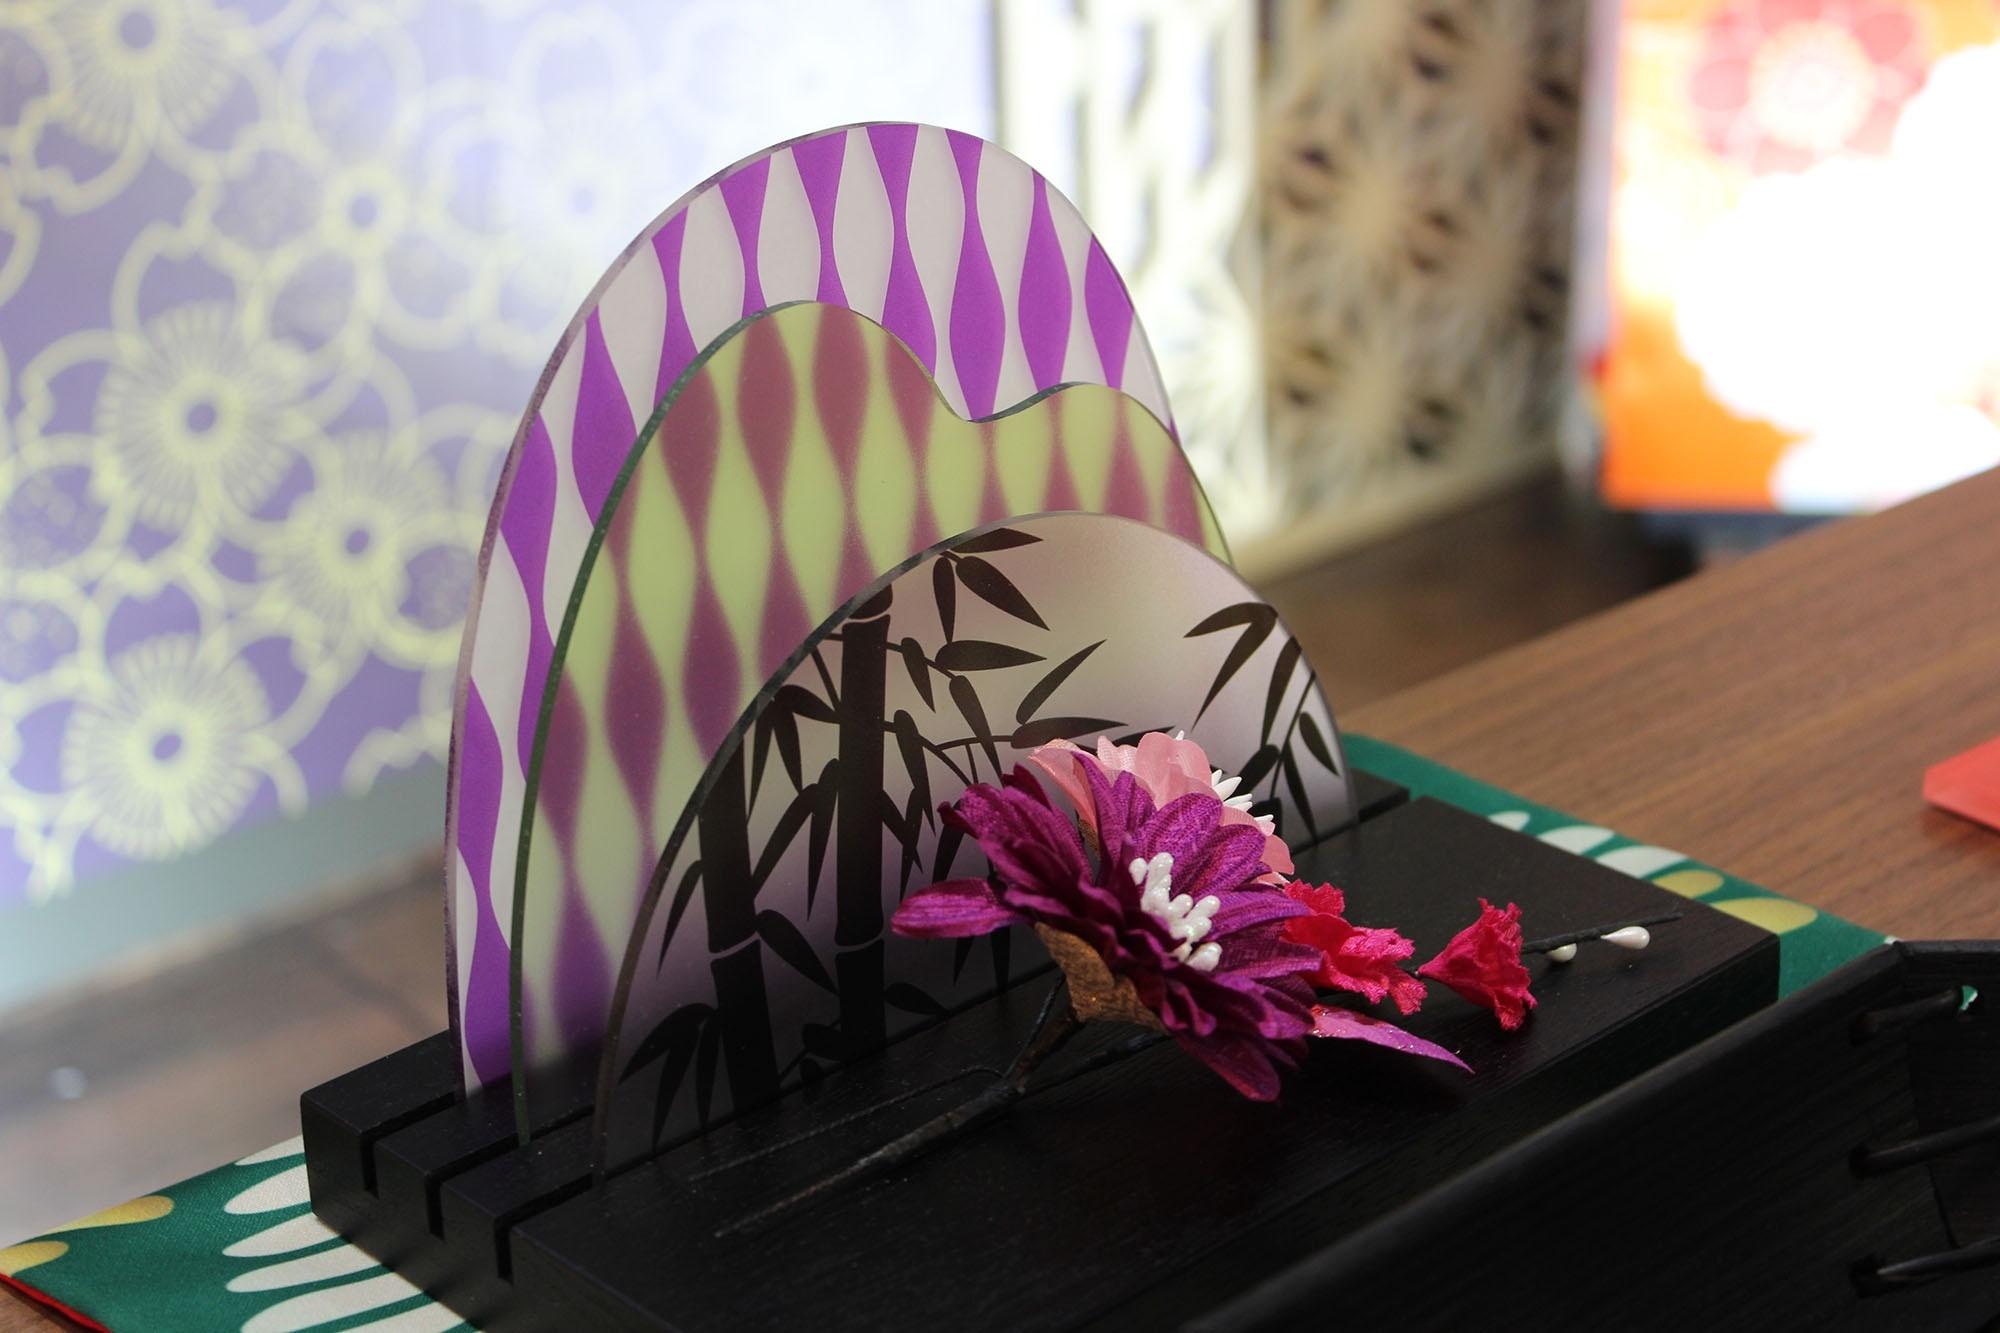 Objetos para decoração